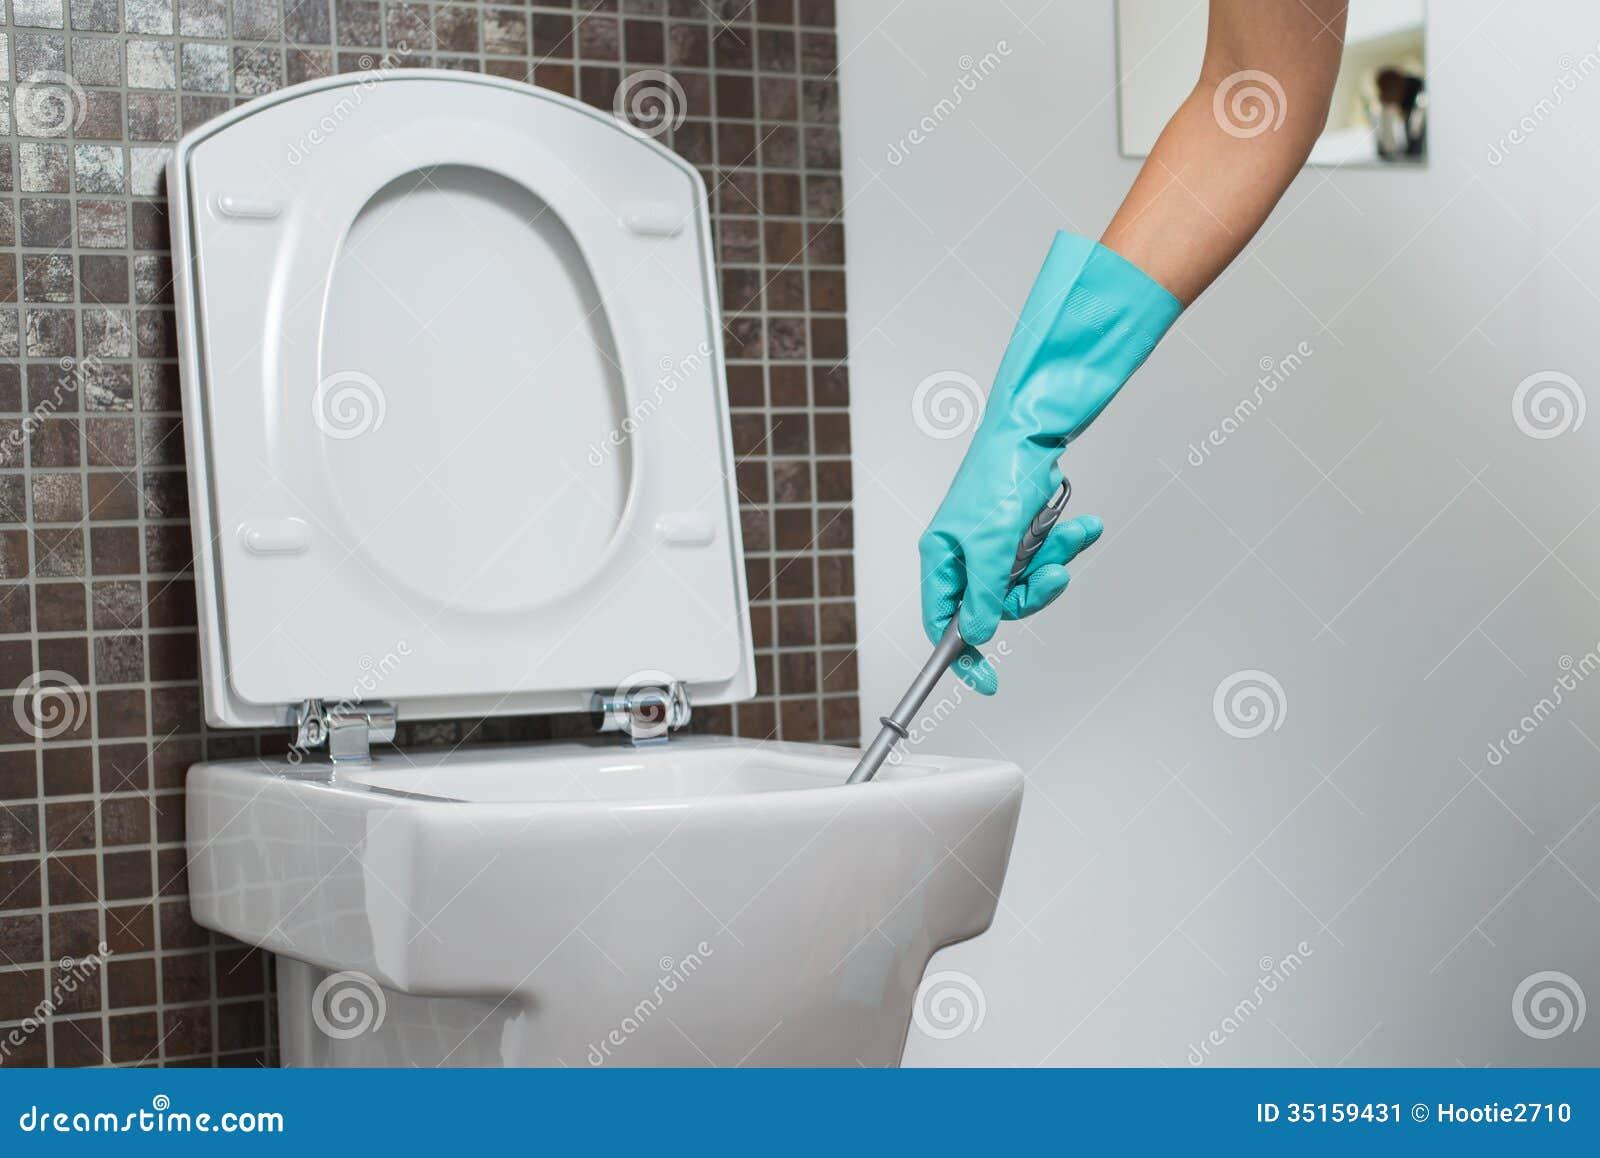 nettoyage de personne sous la jante d 39 une cuvette des toilettes image stock image 35159431. Black Bedroom Furniture Sets. Home Design Ideas